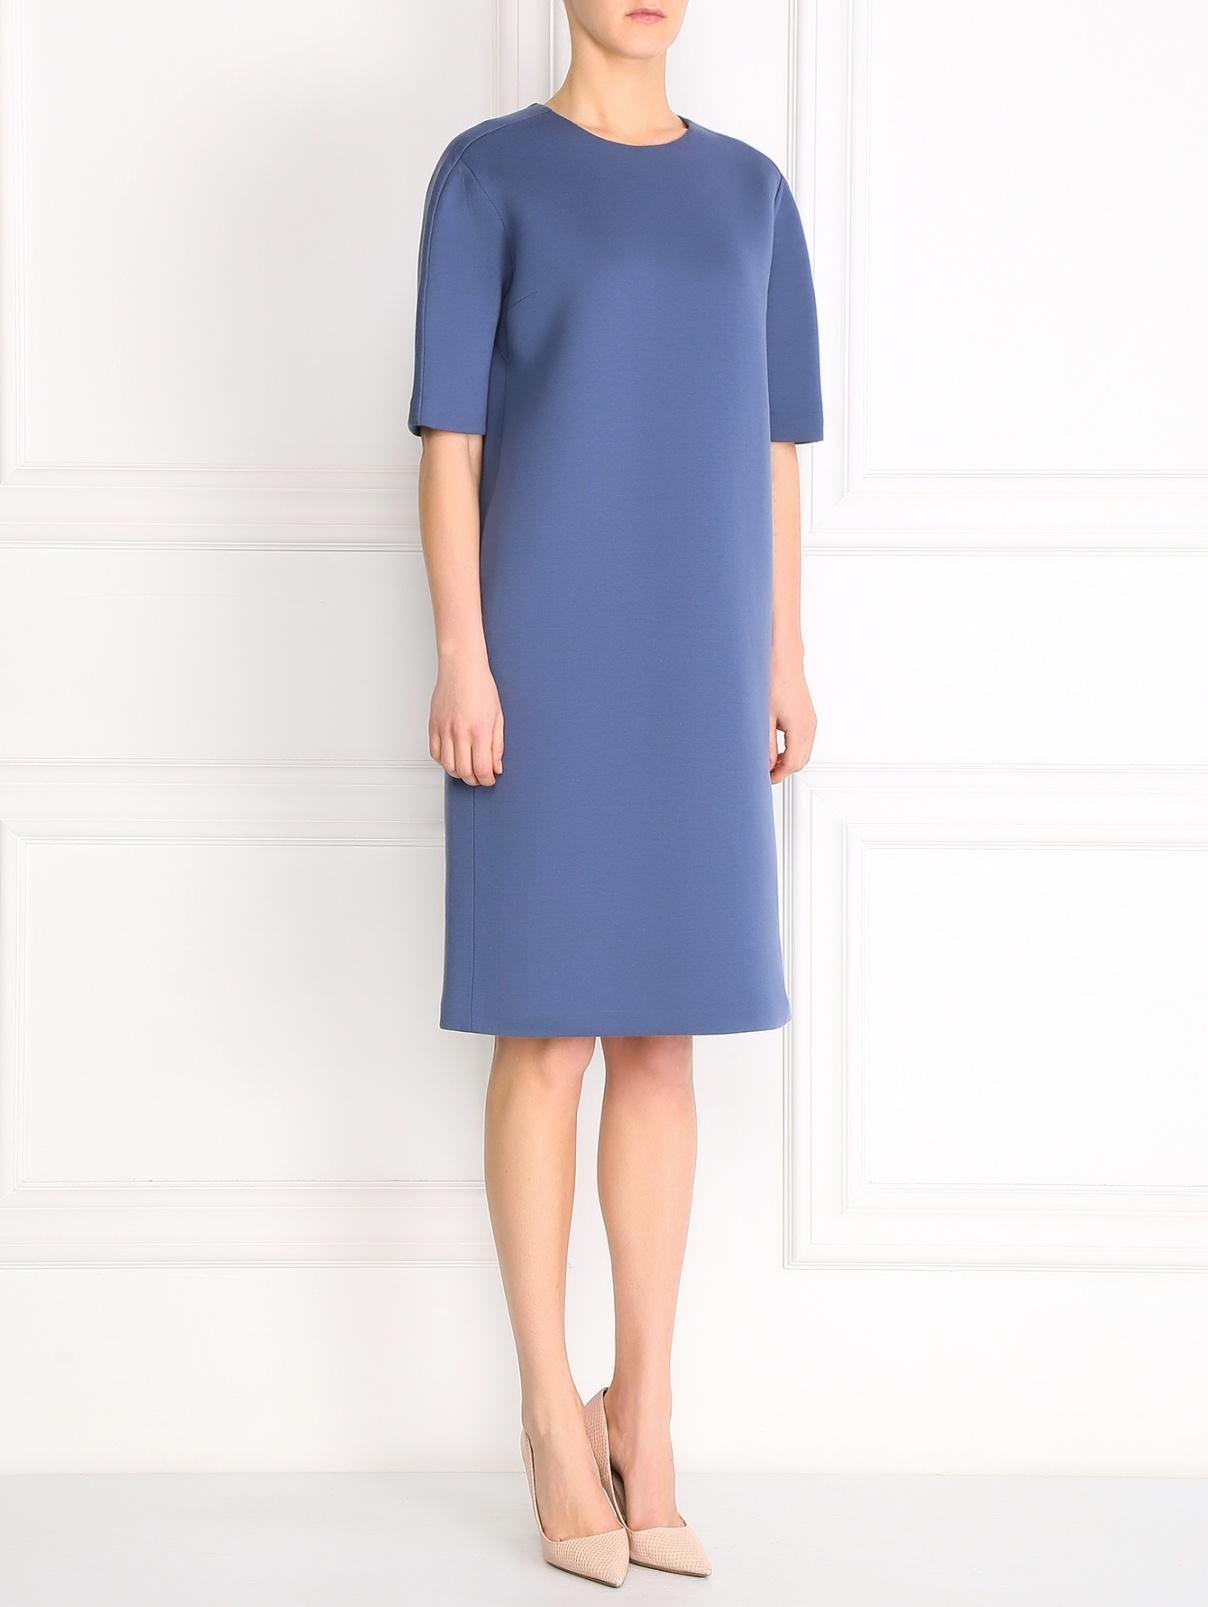 Платье из хлопка свободного фасона Jil Sander  –  Модель Общий вид